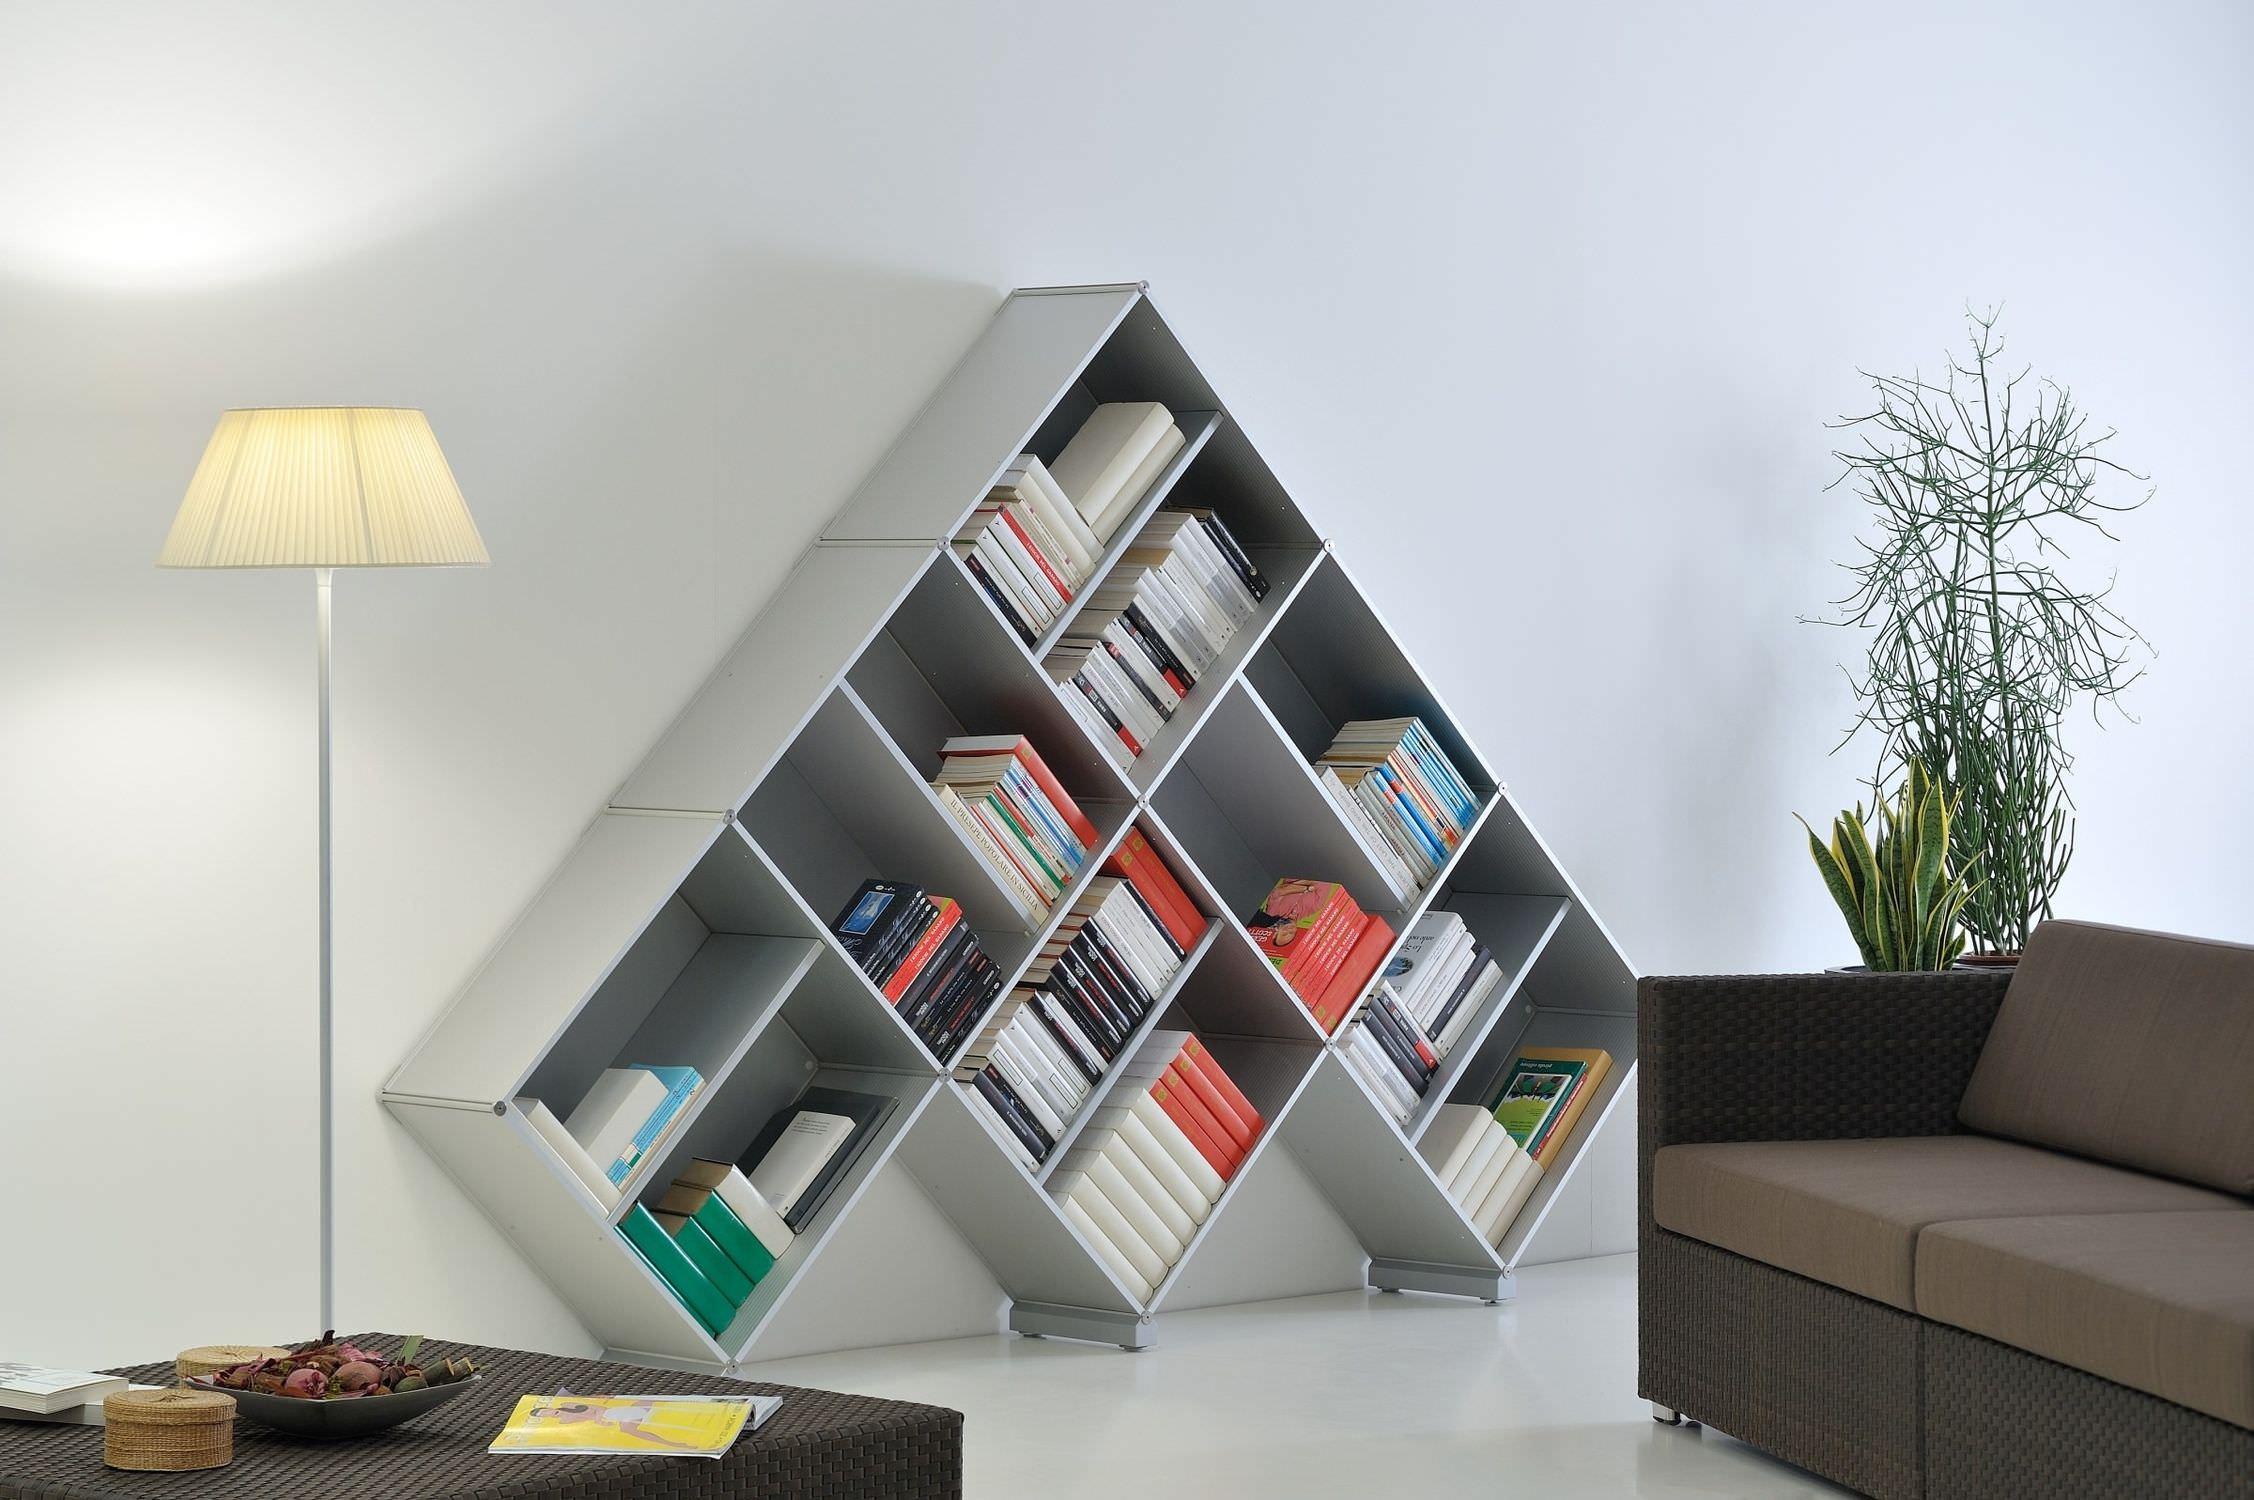 Biblioteca De Dise O Original De Metal Pyramid_03 Fitting # Muebles Novedosos